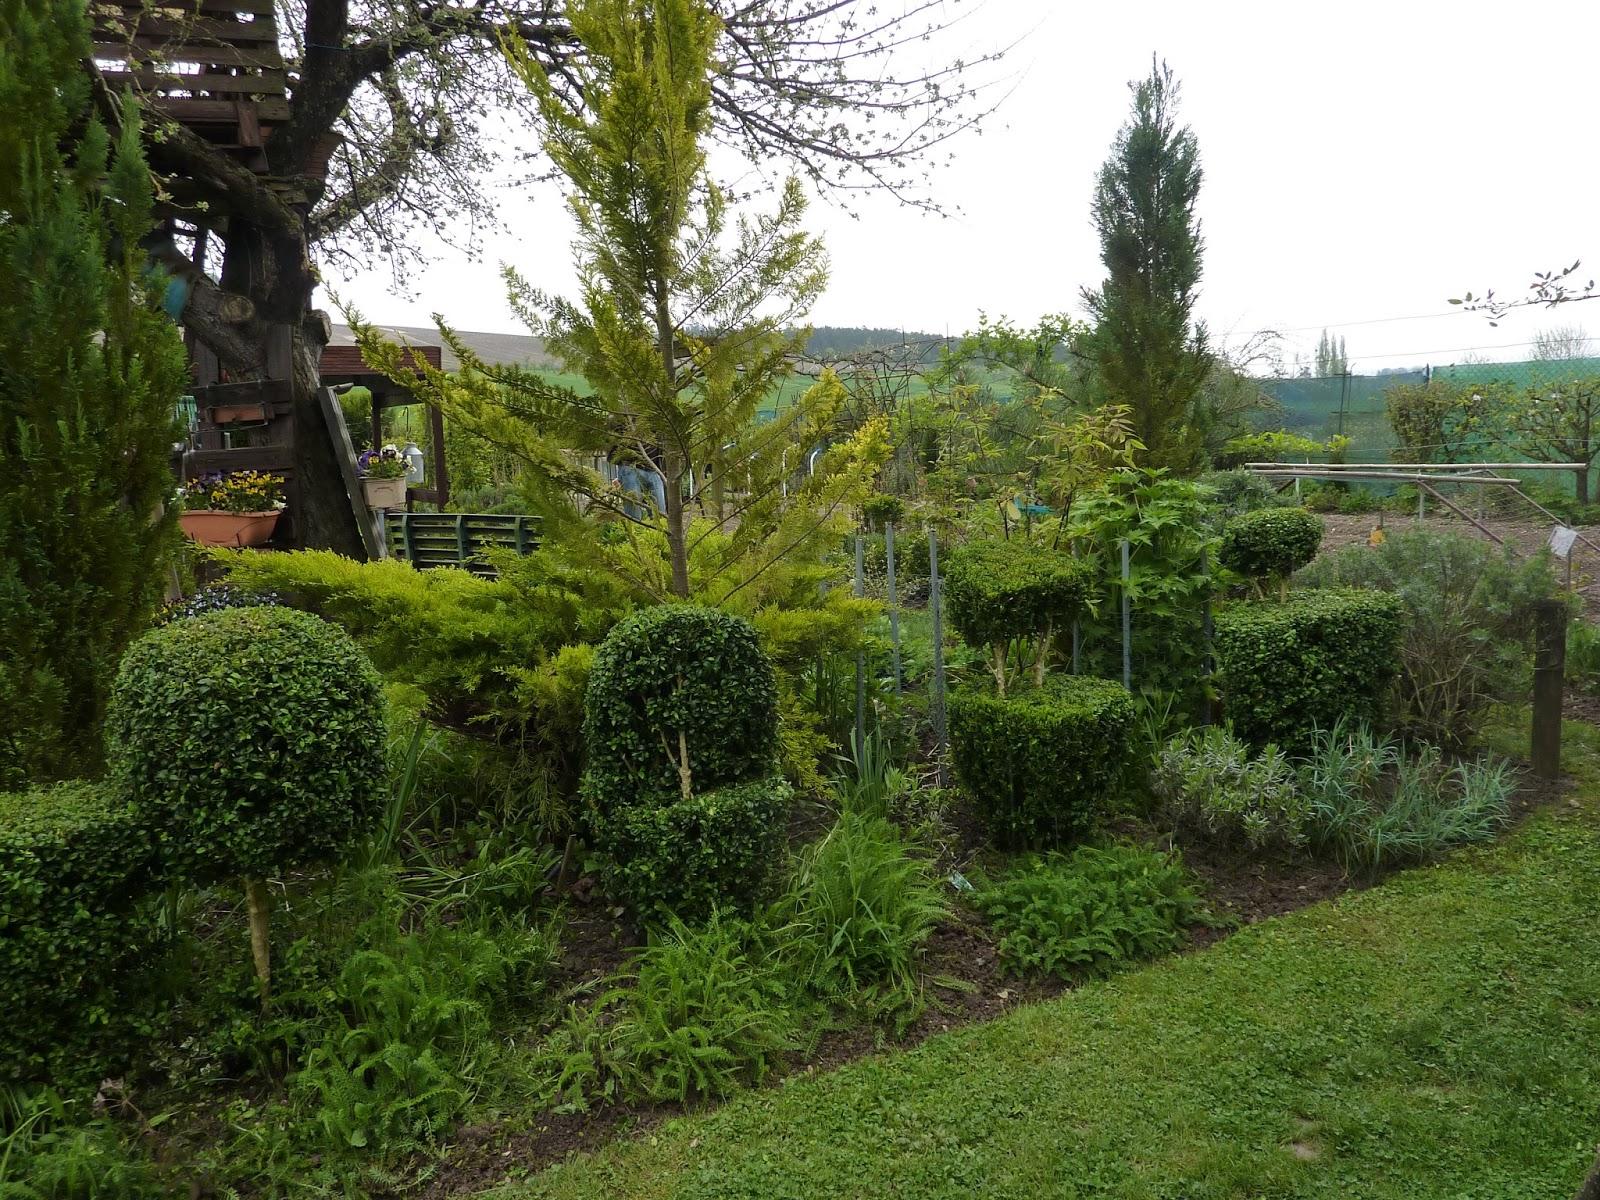 Le jardin de marianne taille des buis - Taille des buis ...